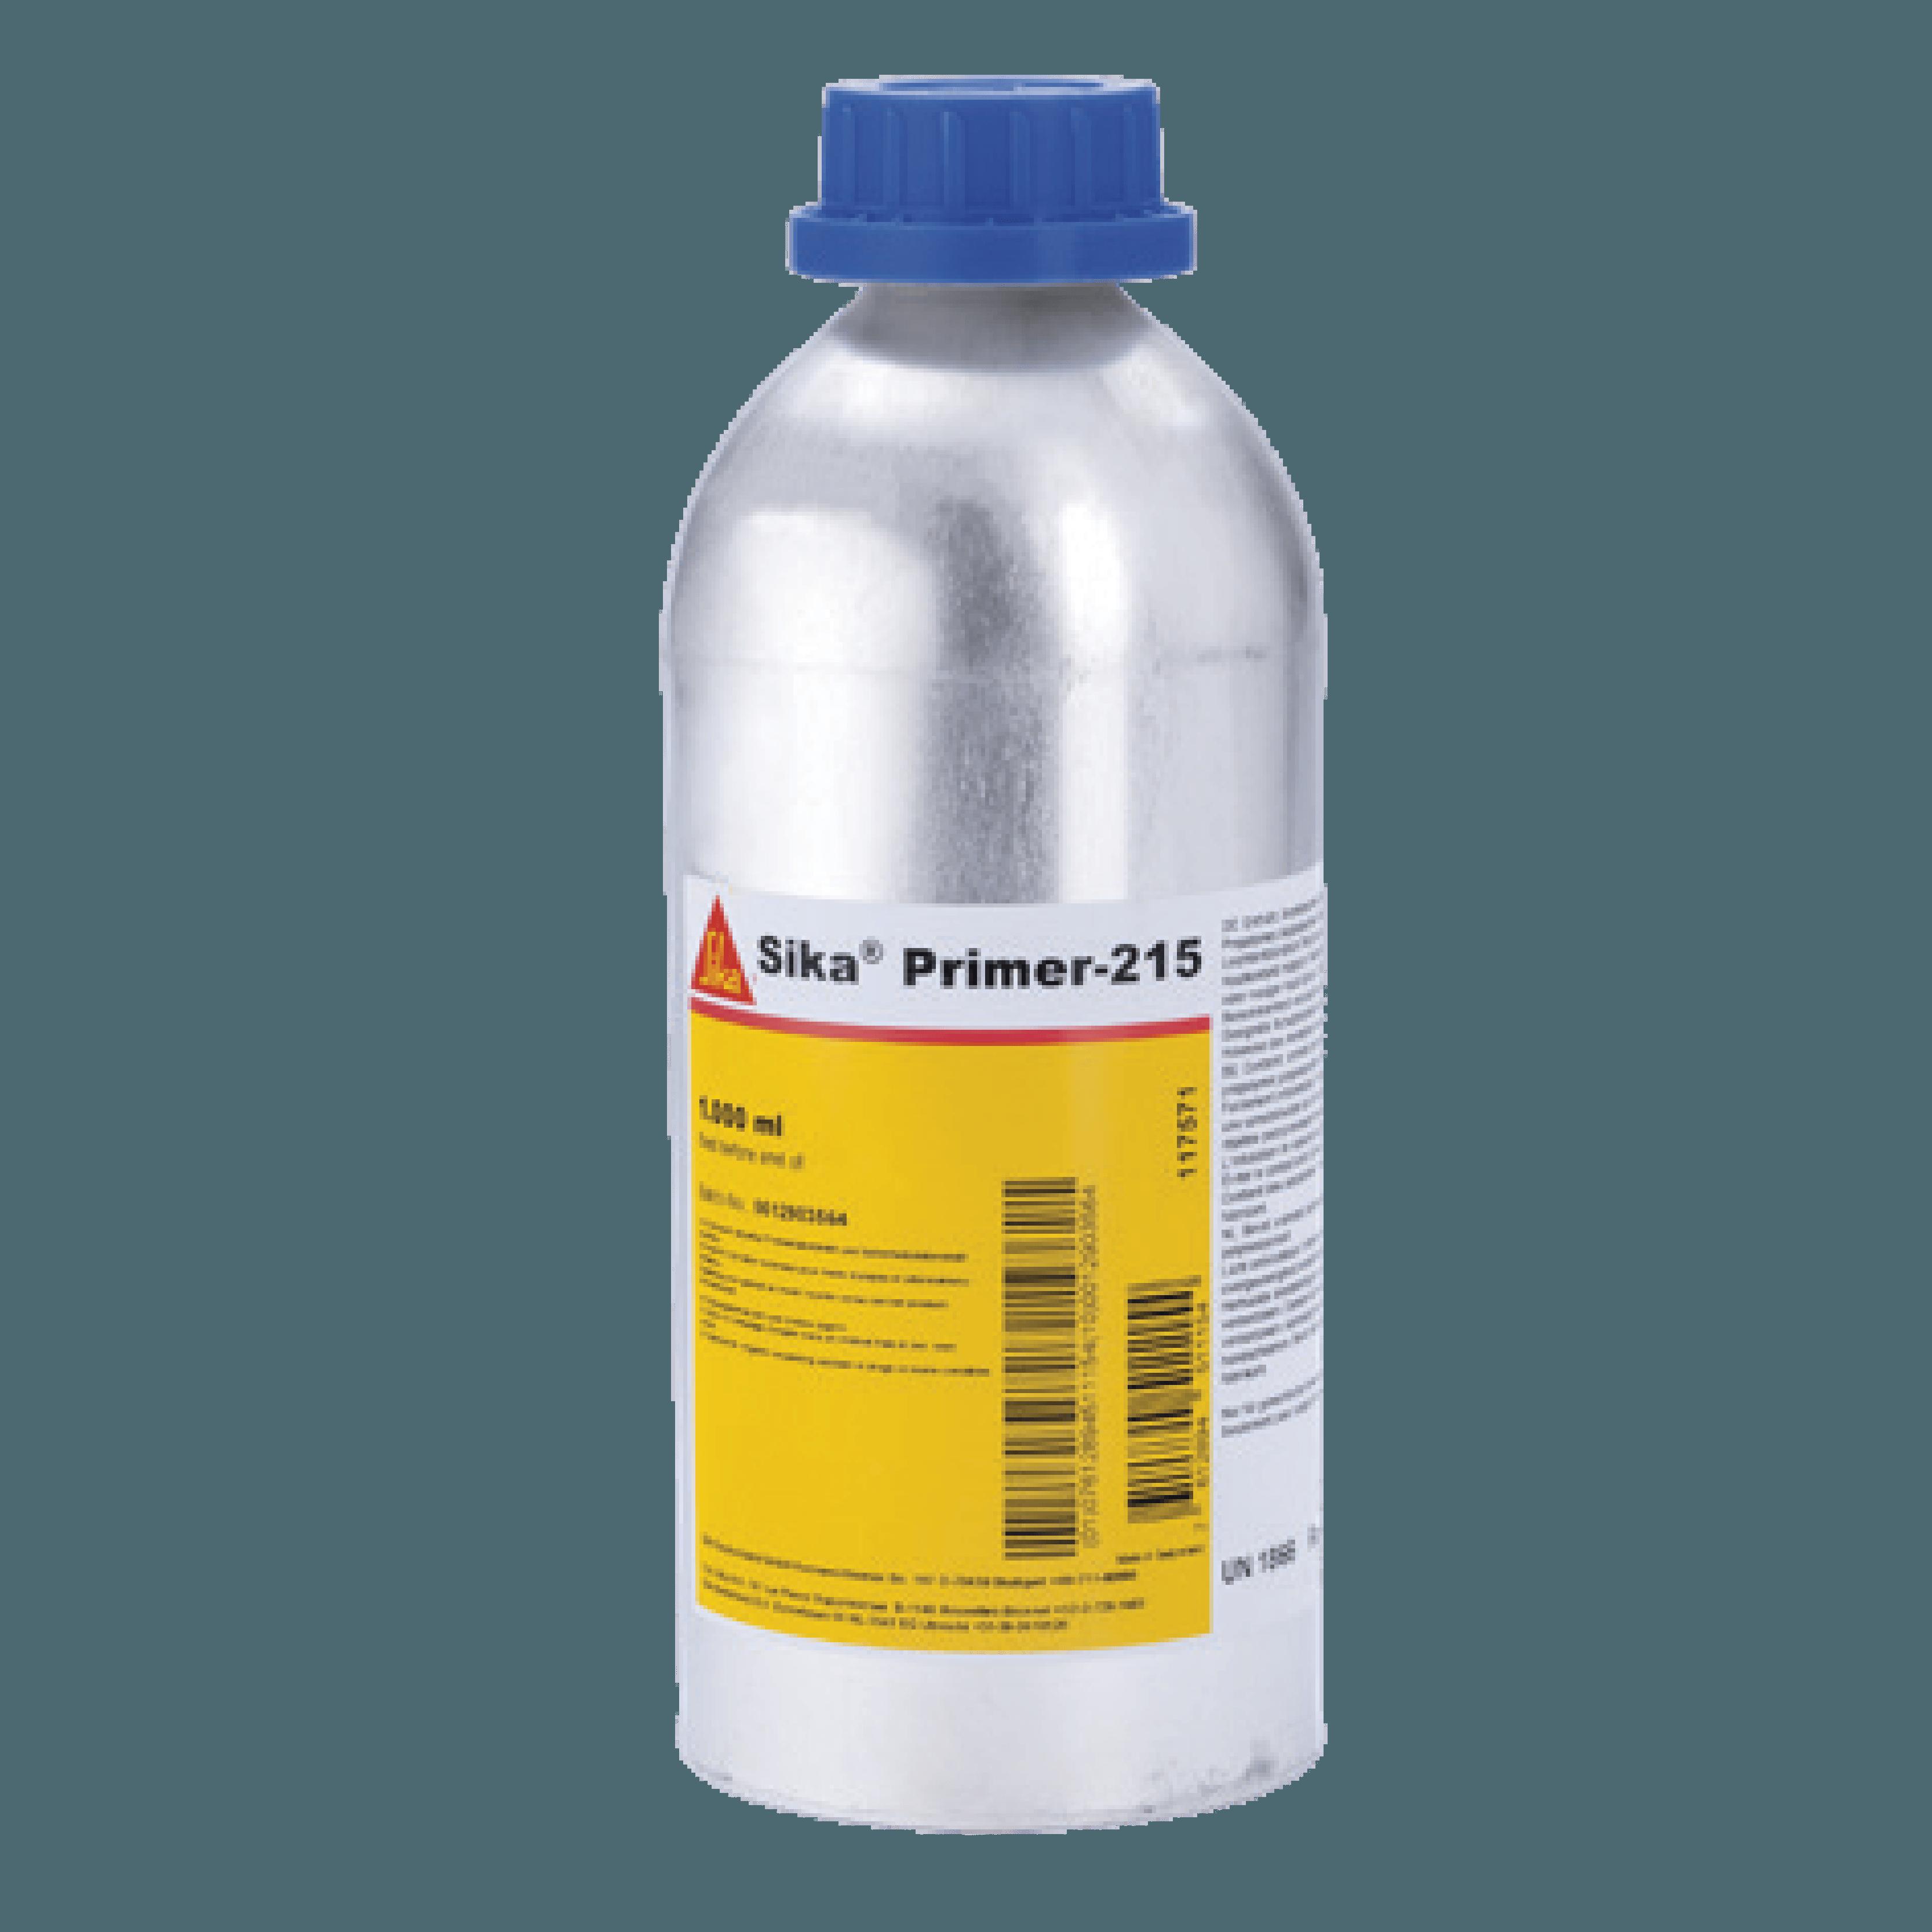 Sika® Primer-215